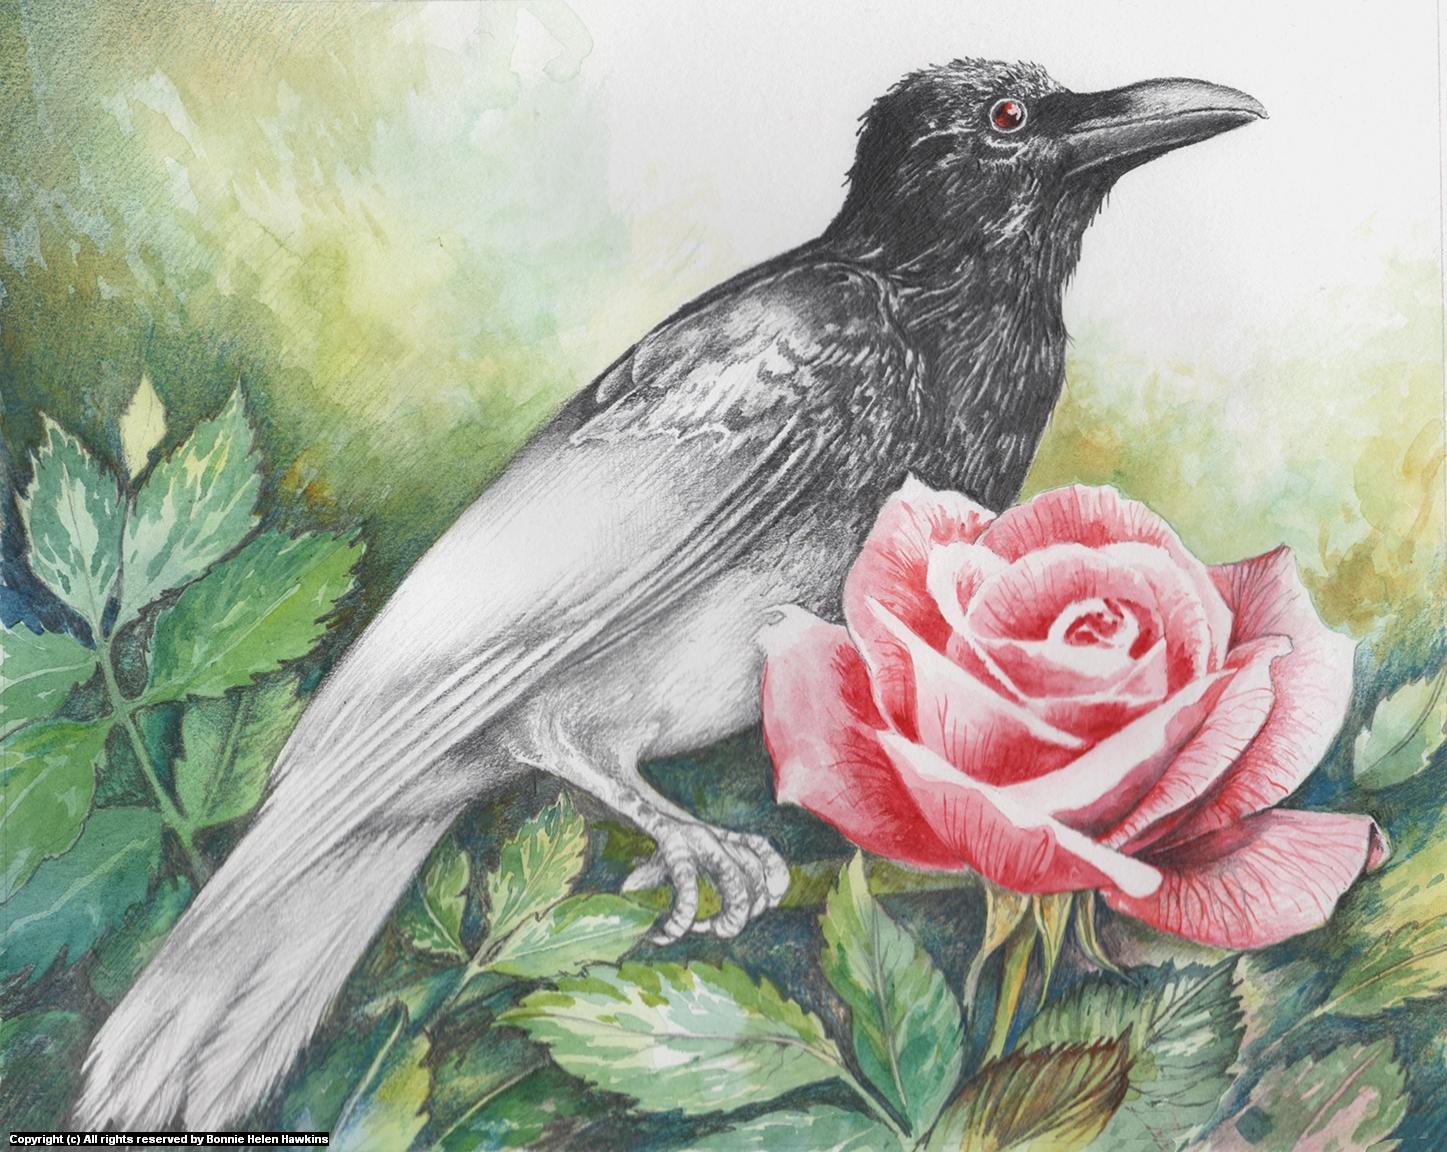 52 Crows Week 7 Artwork by Bonnie Helen Hawkins